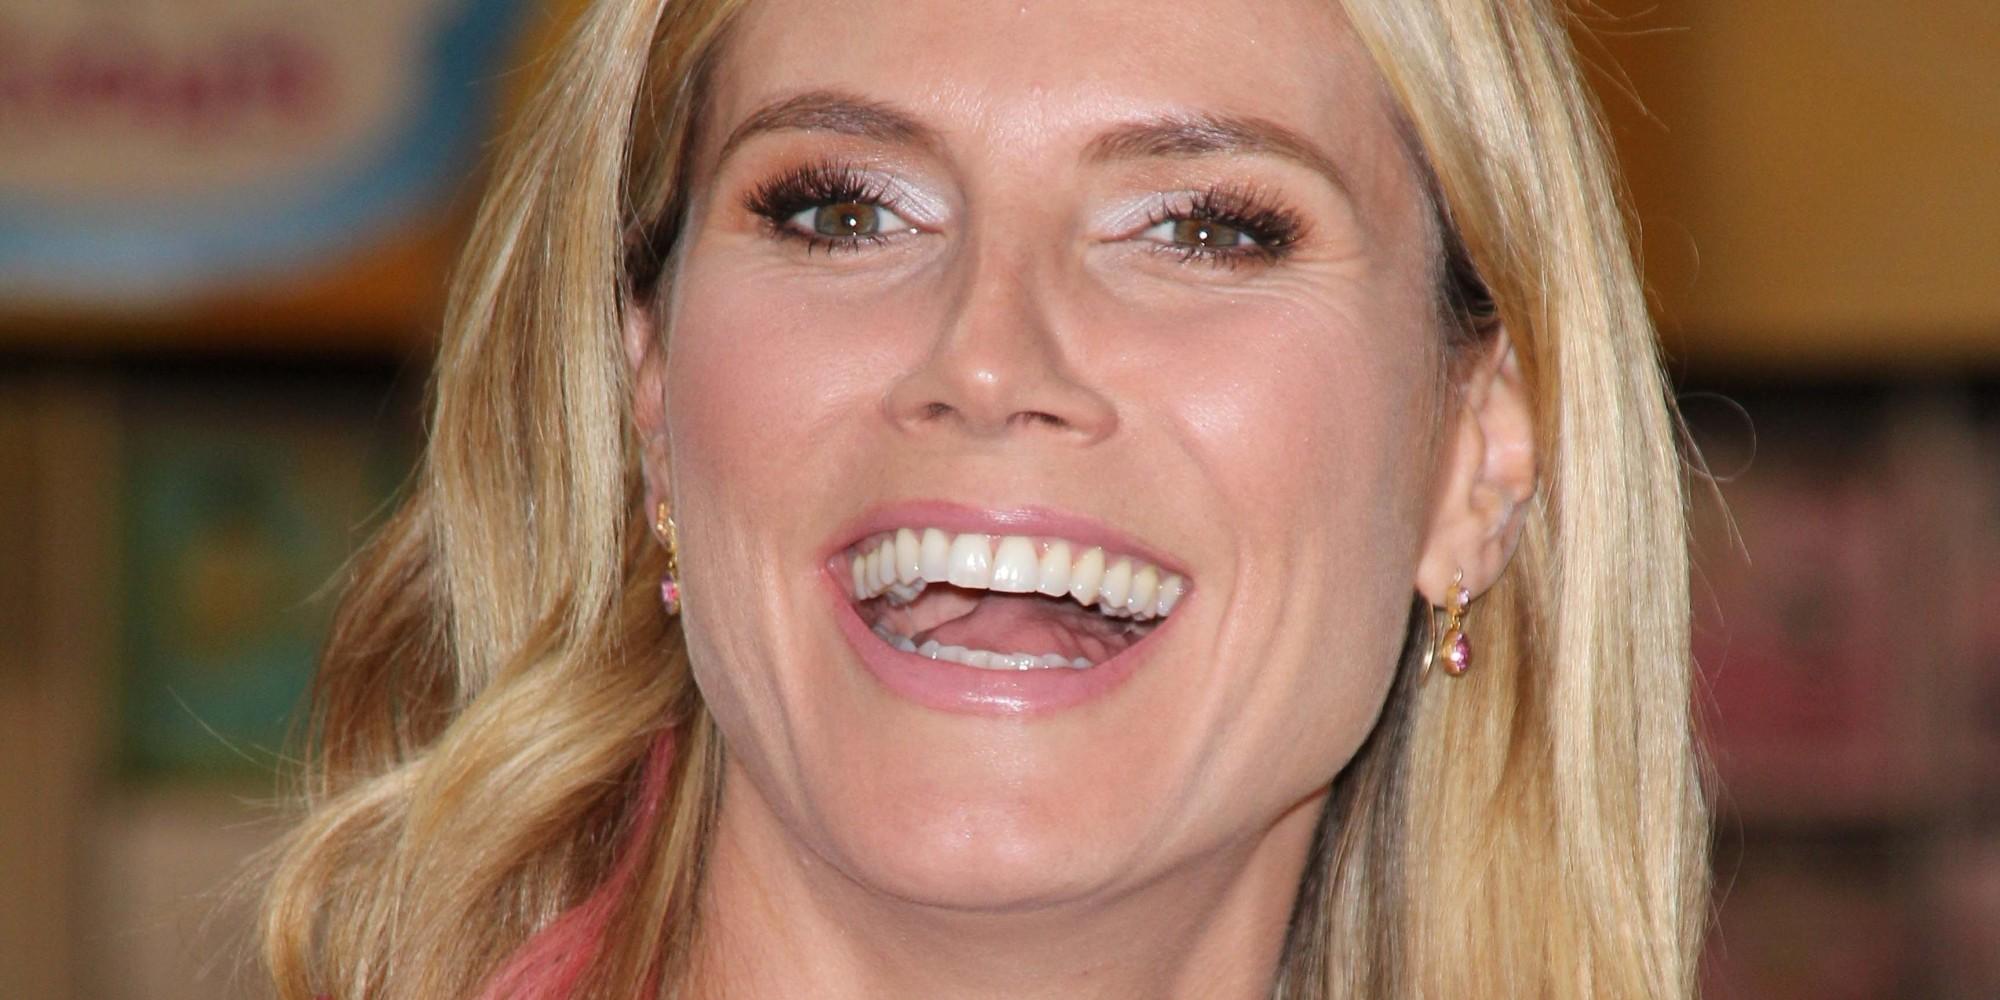 Heidi Klum: Heidi Klum's House Post-Divorce Is A Definite Downsize